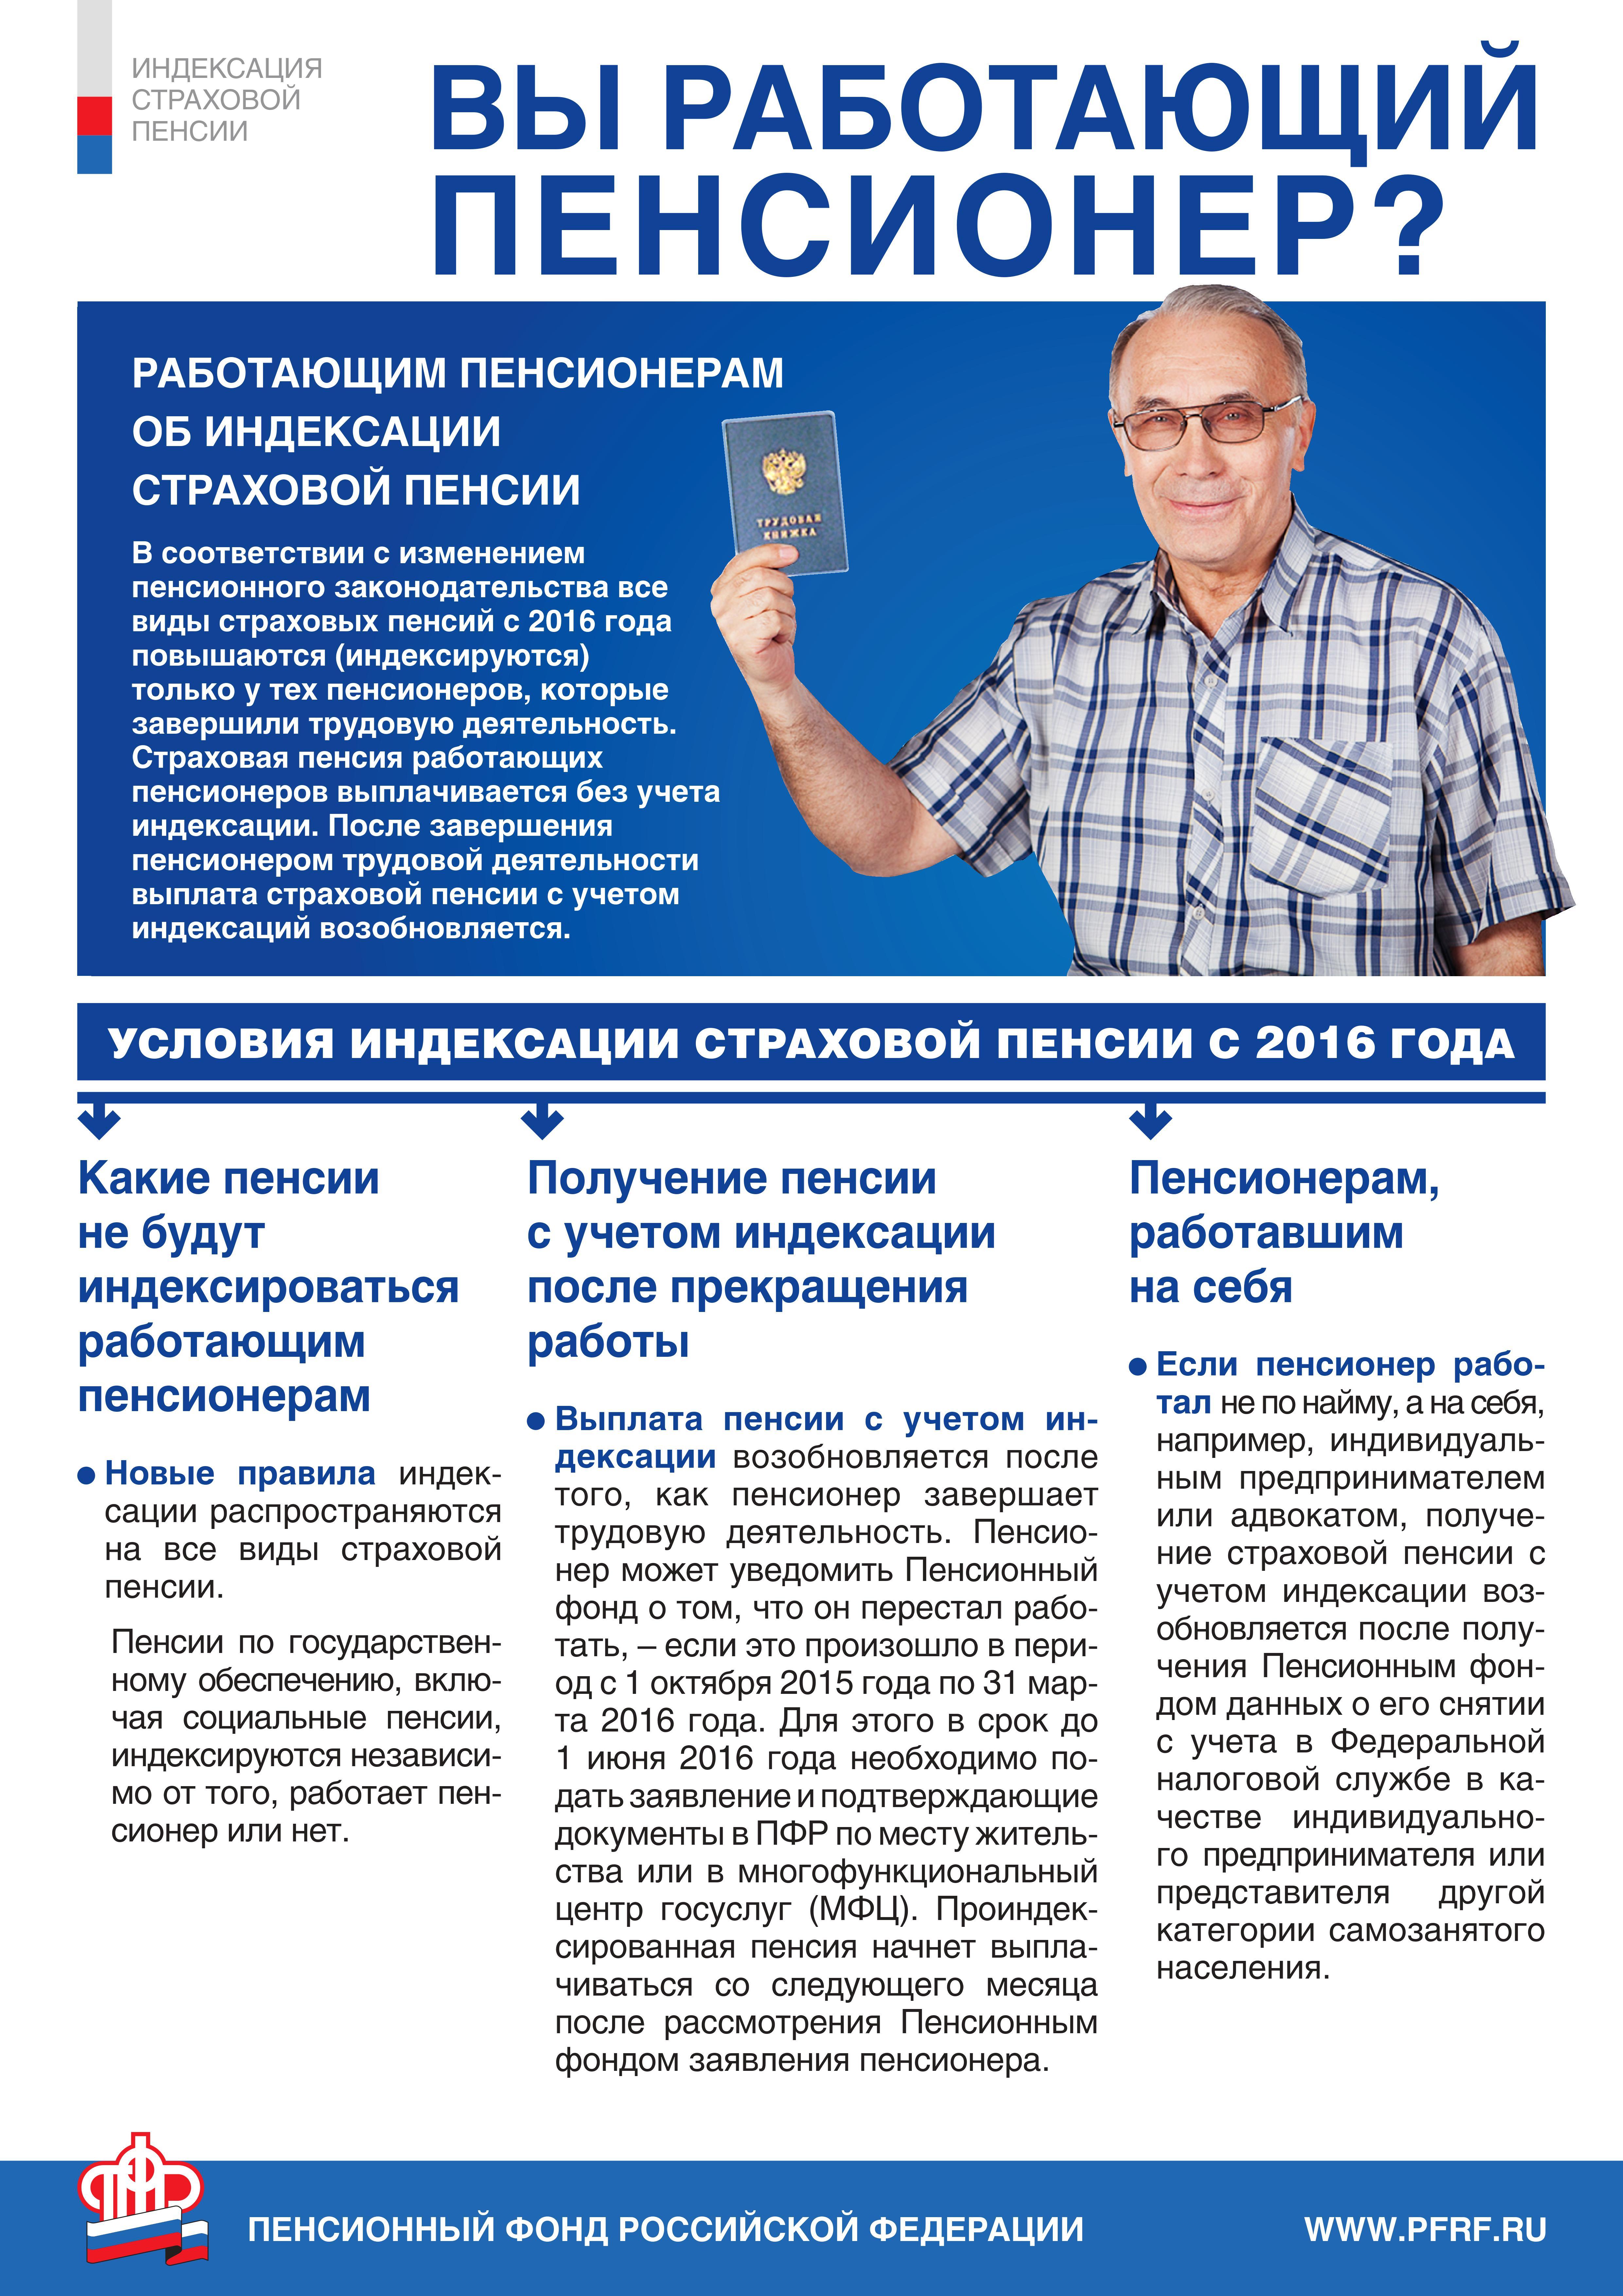 Кредит пенсионерам в москве в сбербанке